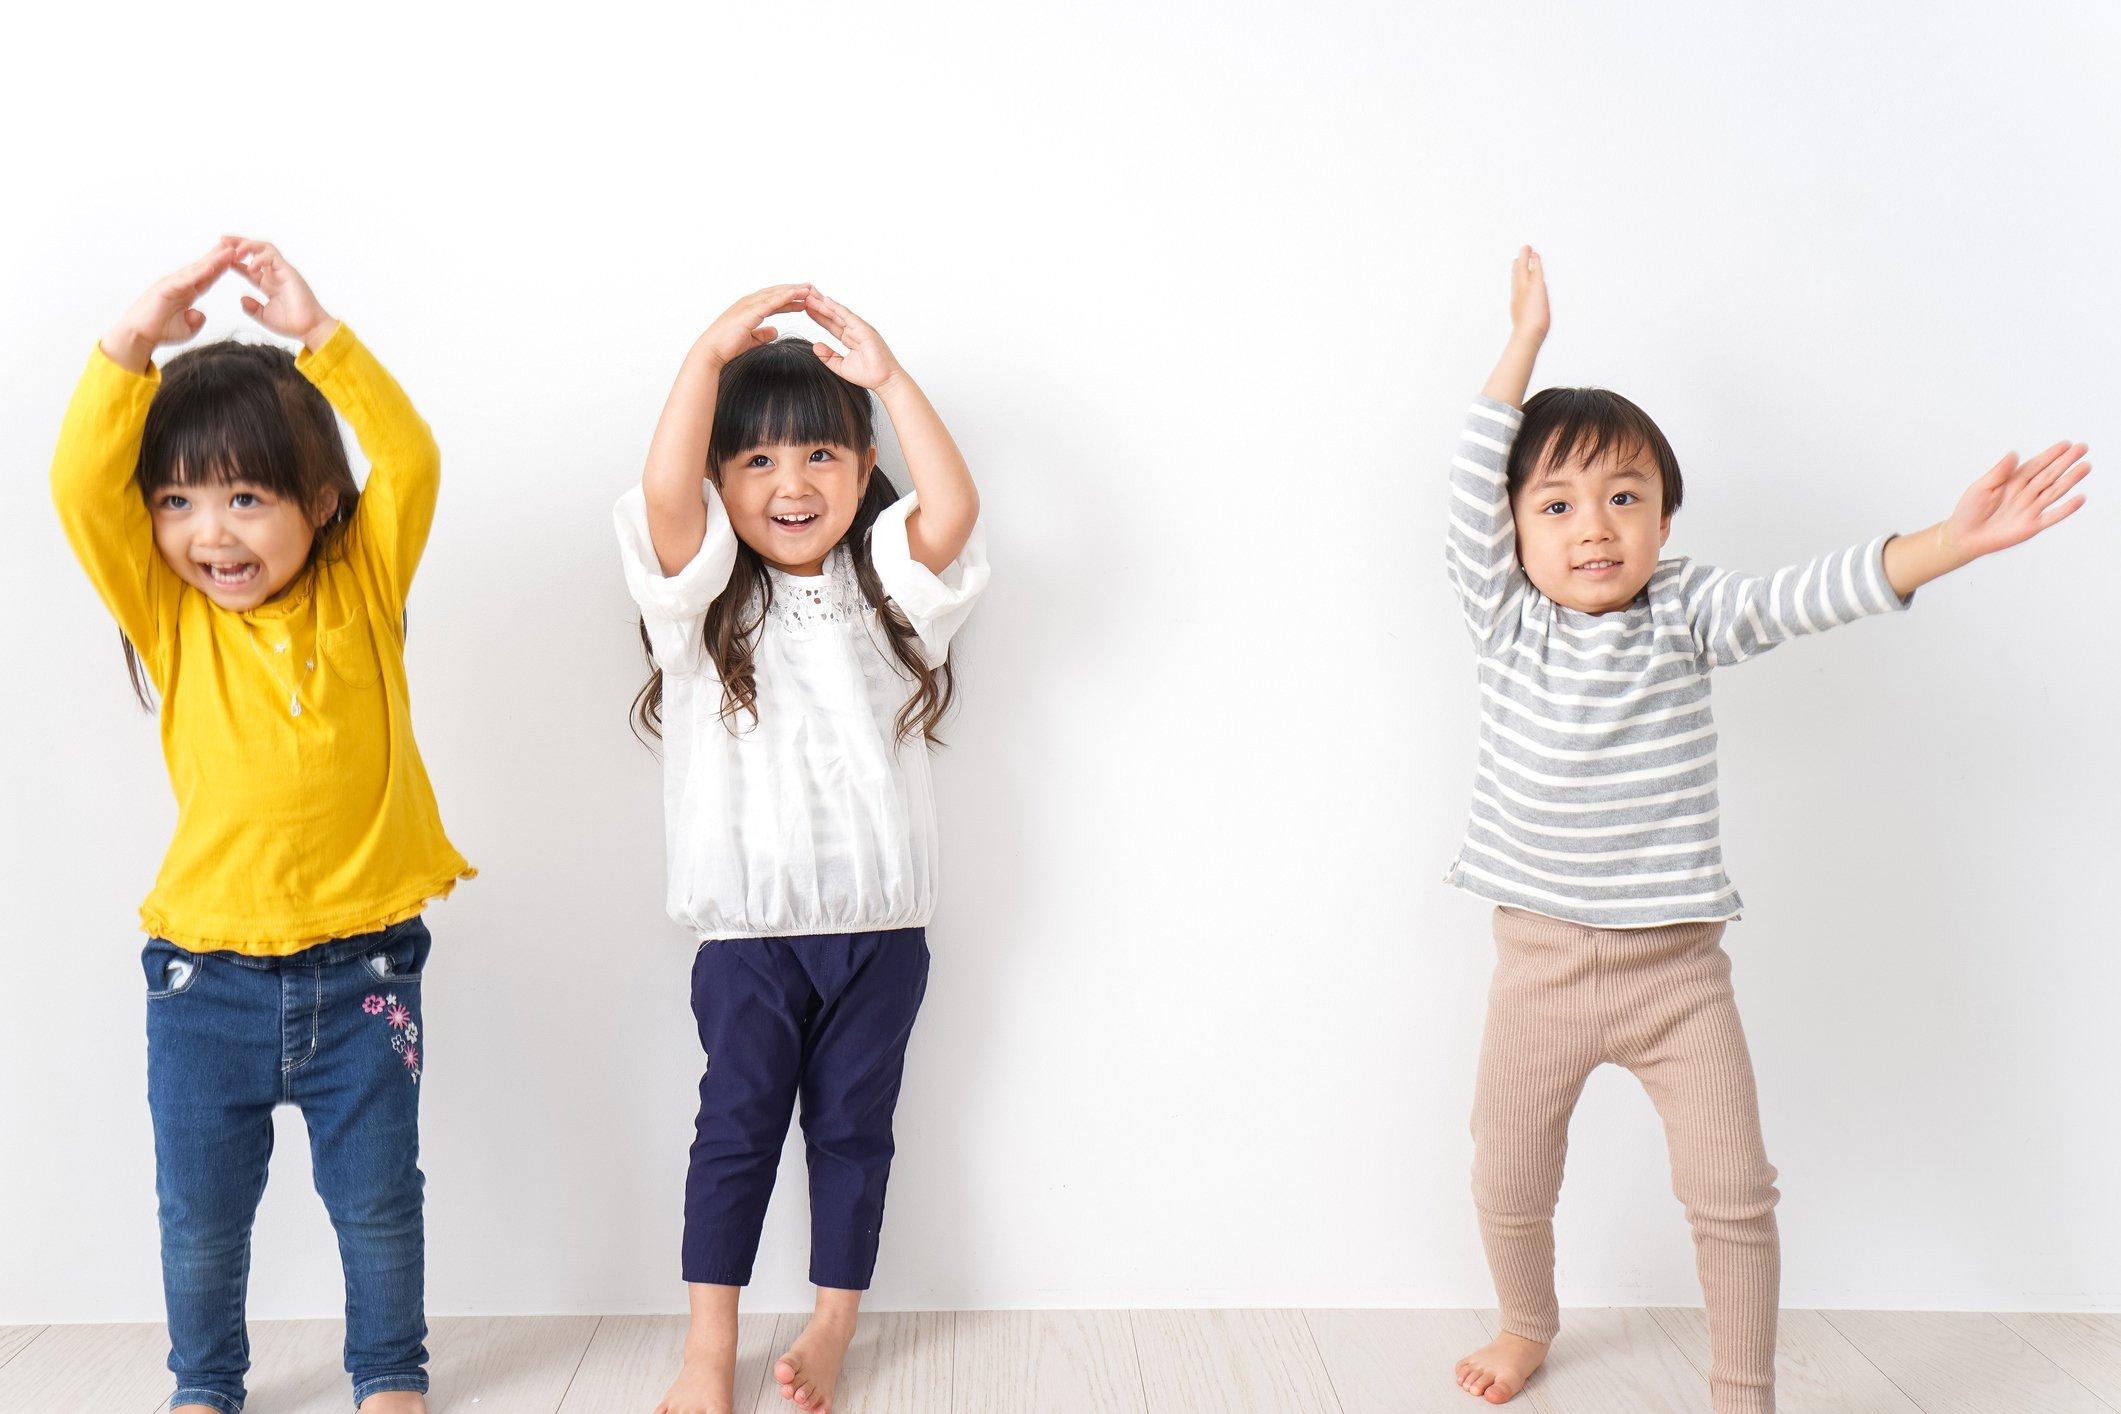 49 Activités Physiques Plaisantes À Faire Avec Des Enfants intérieur Jeux De Petit Garçon De 3 Ans